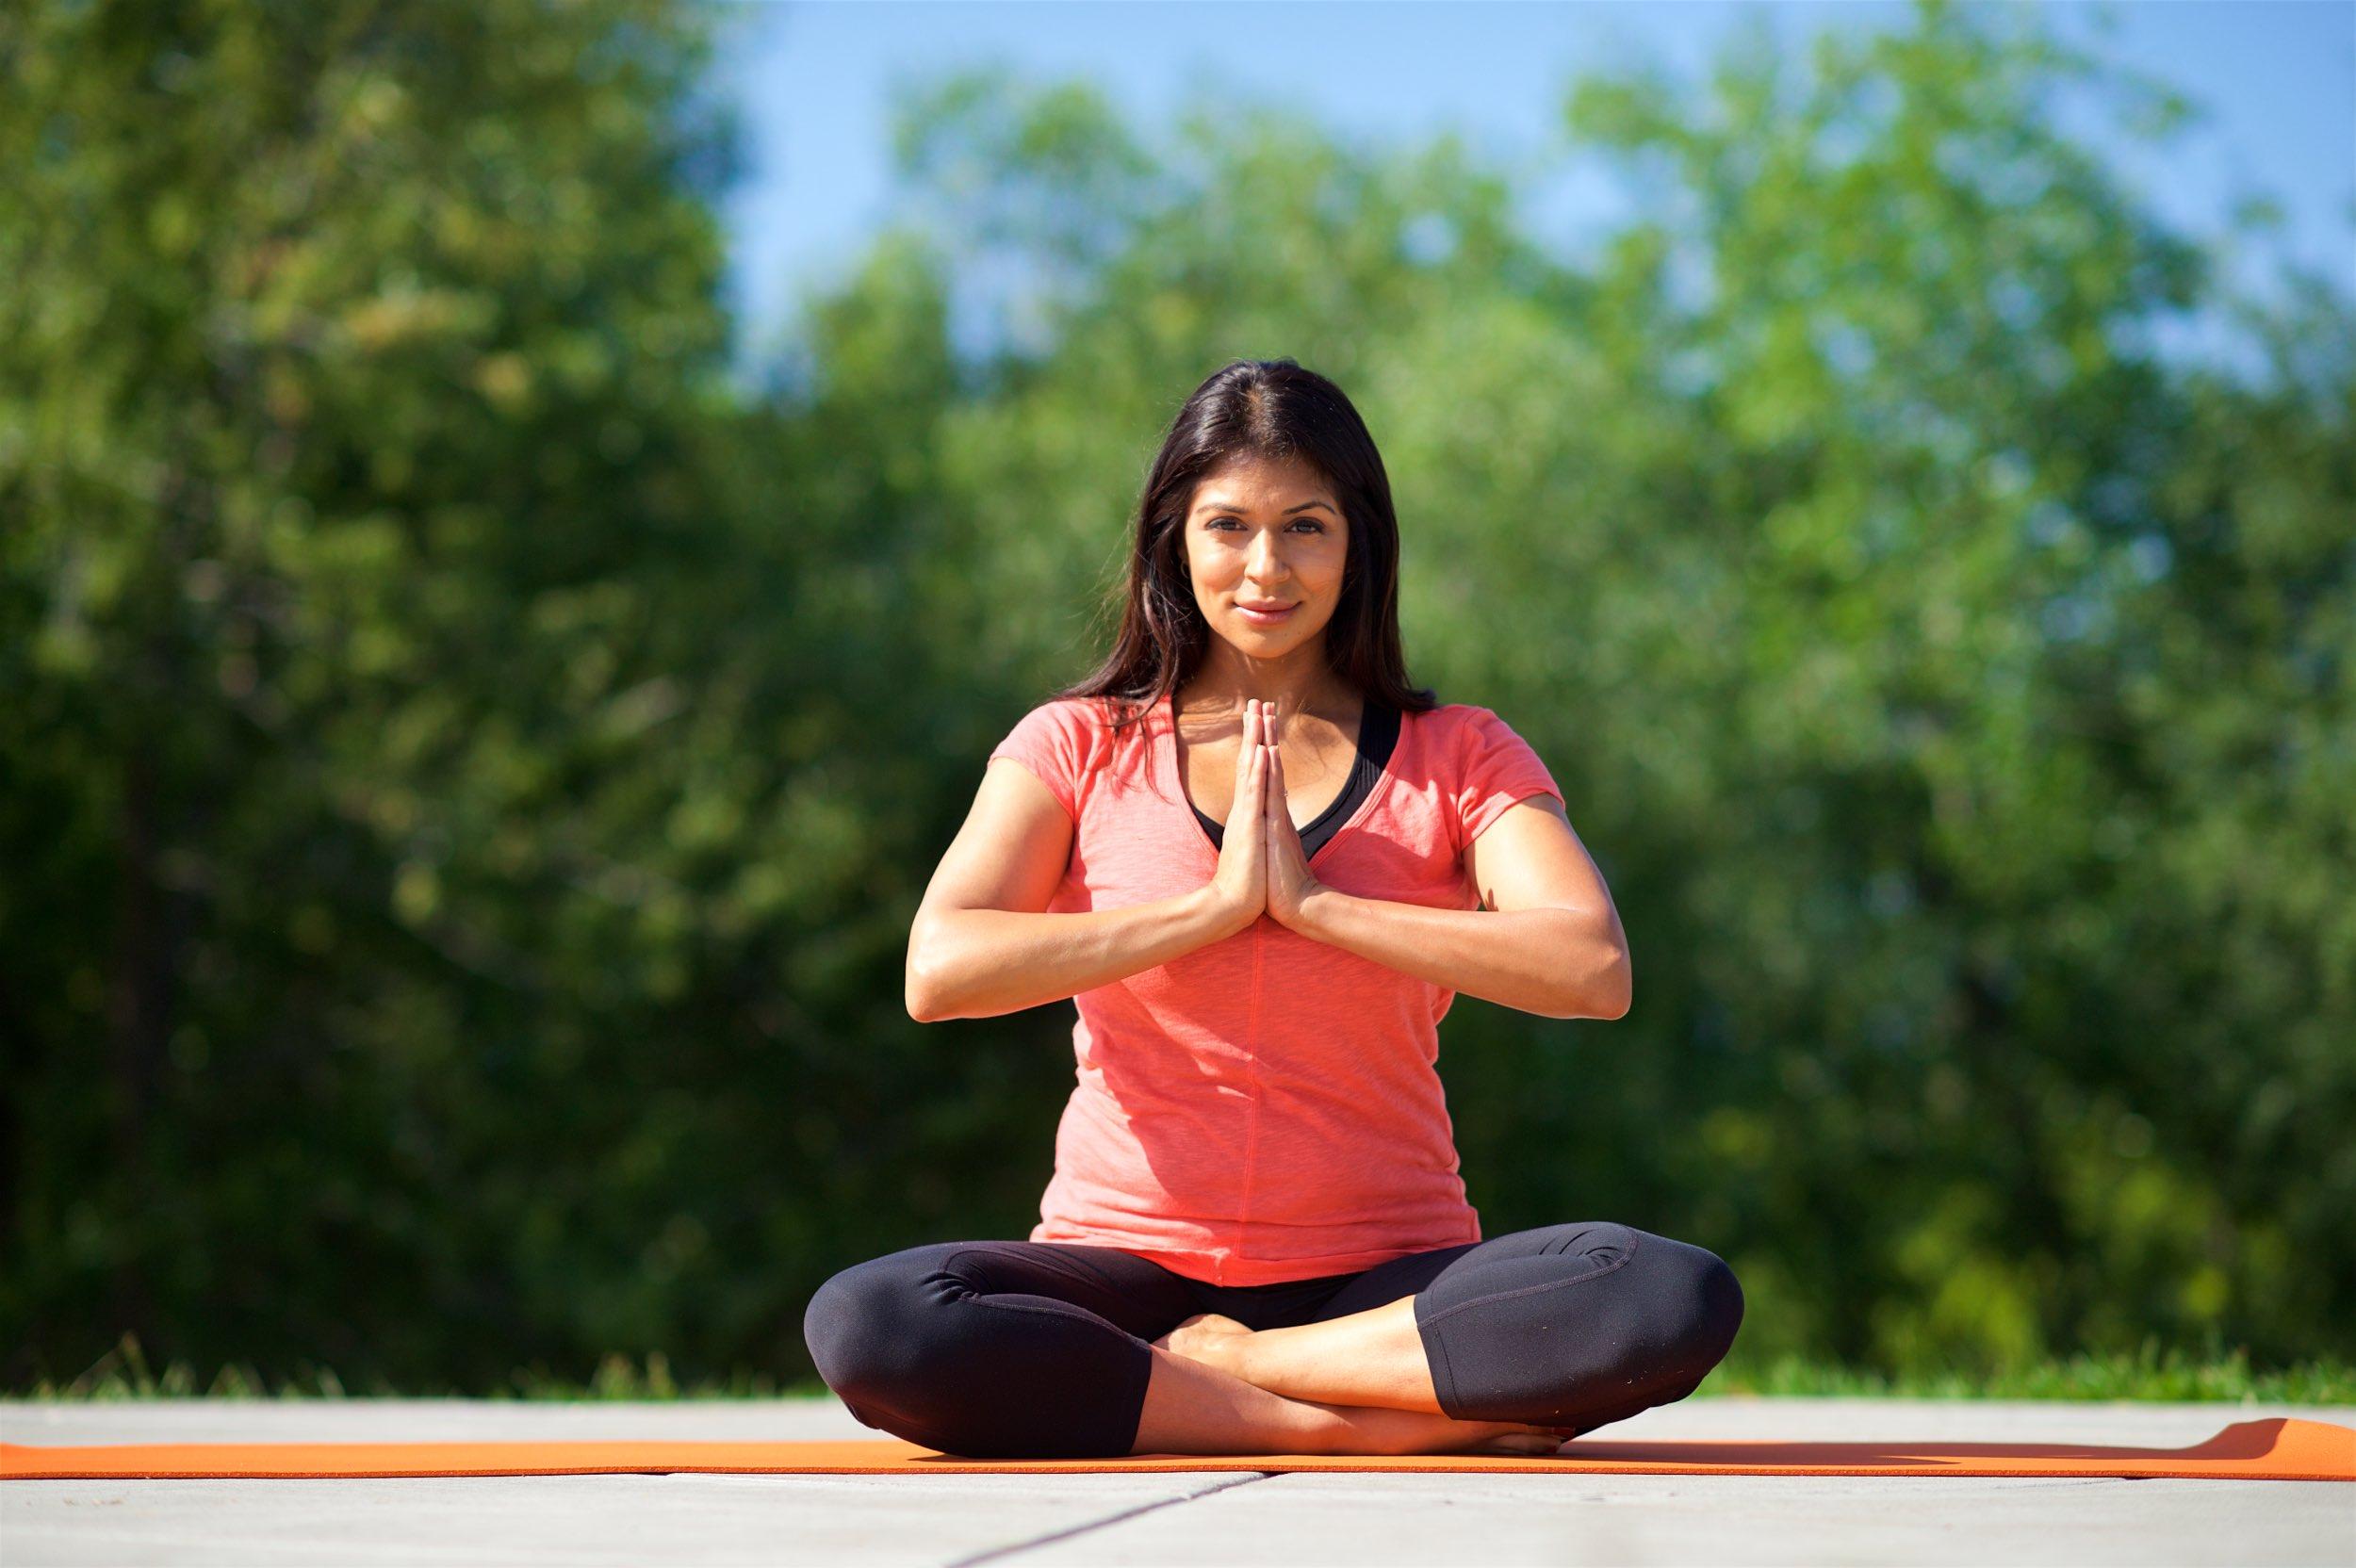 fitness-yoga-04.jpg